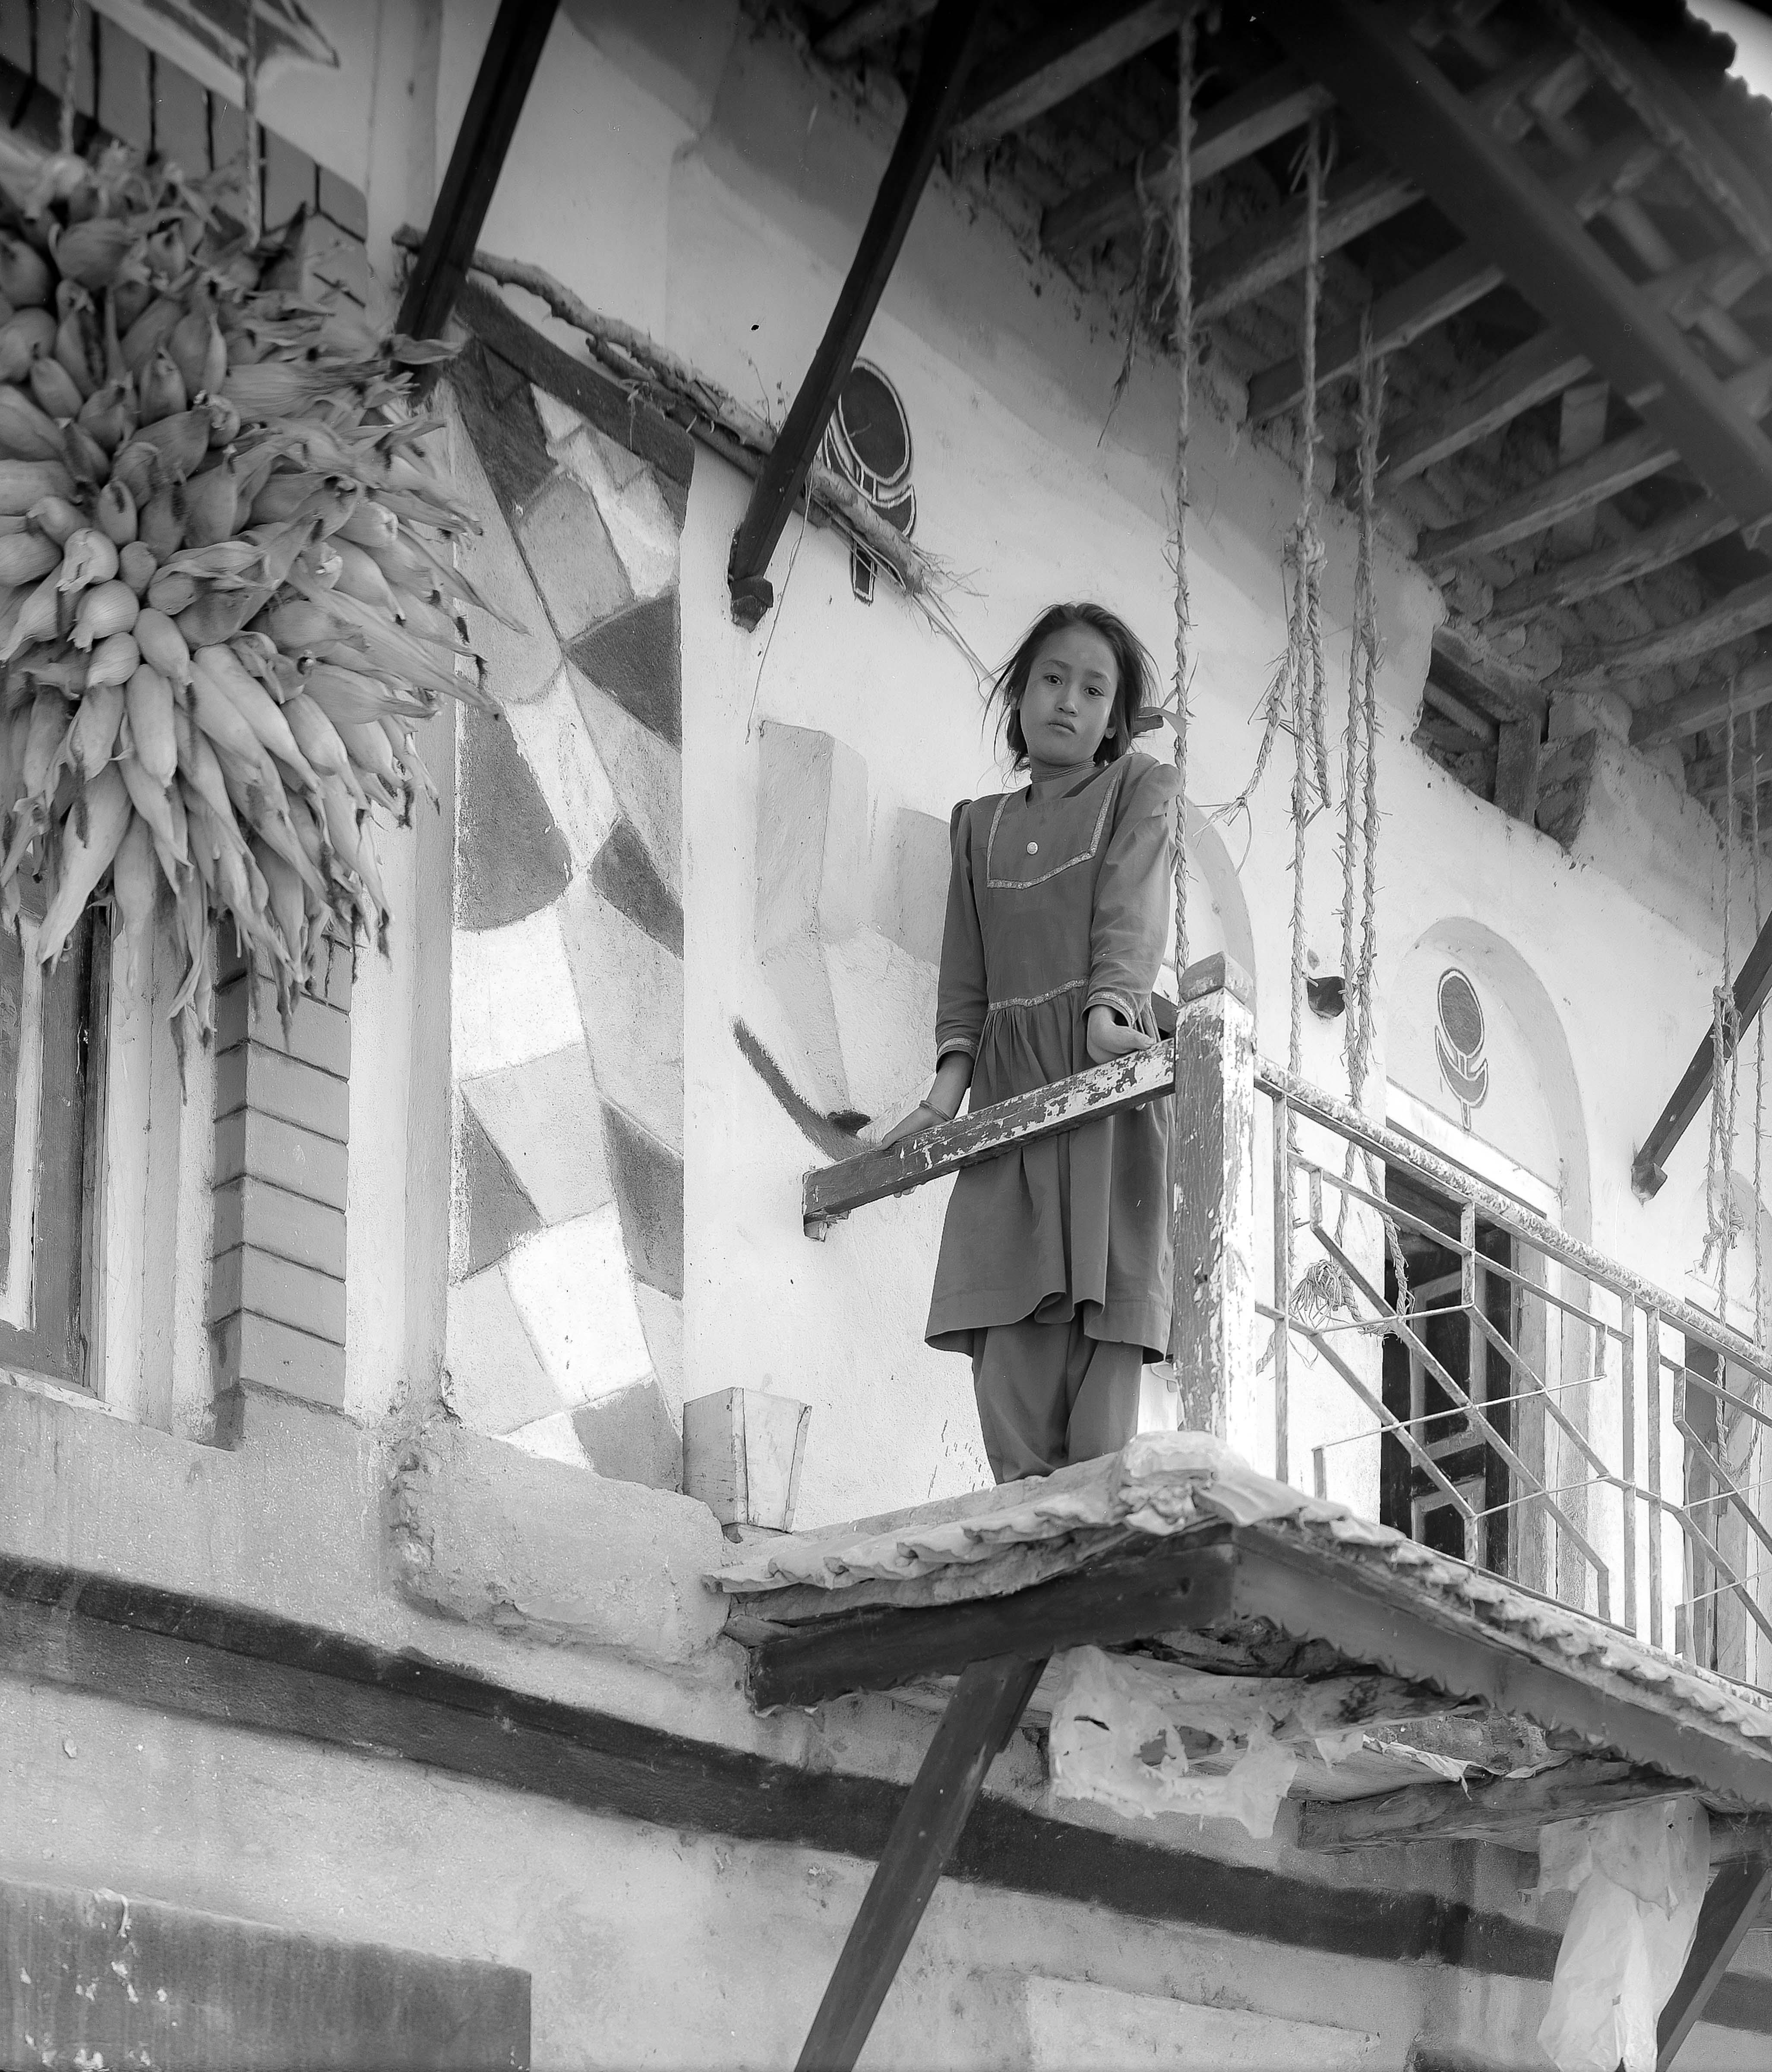 Nepal, Girl On Balcony, 1995